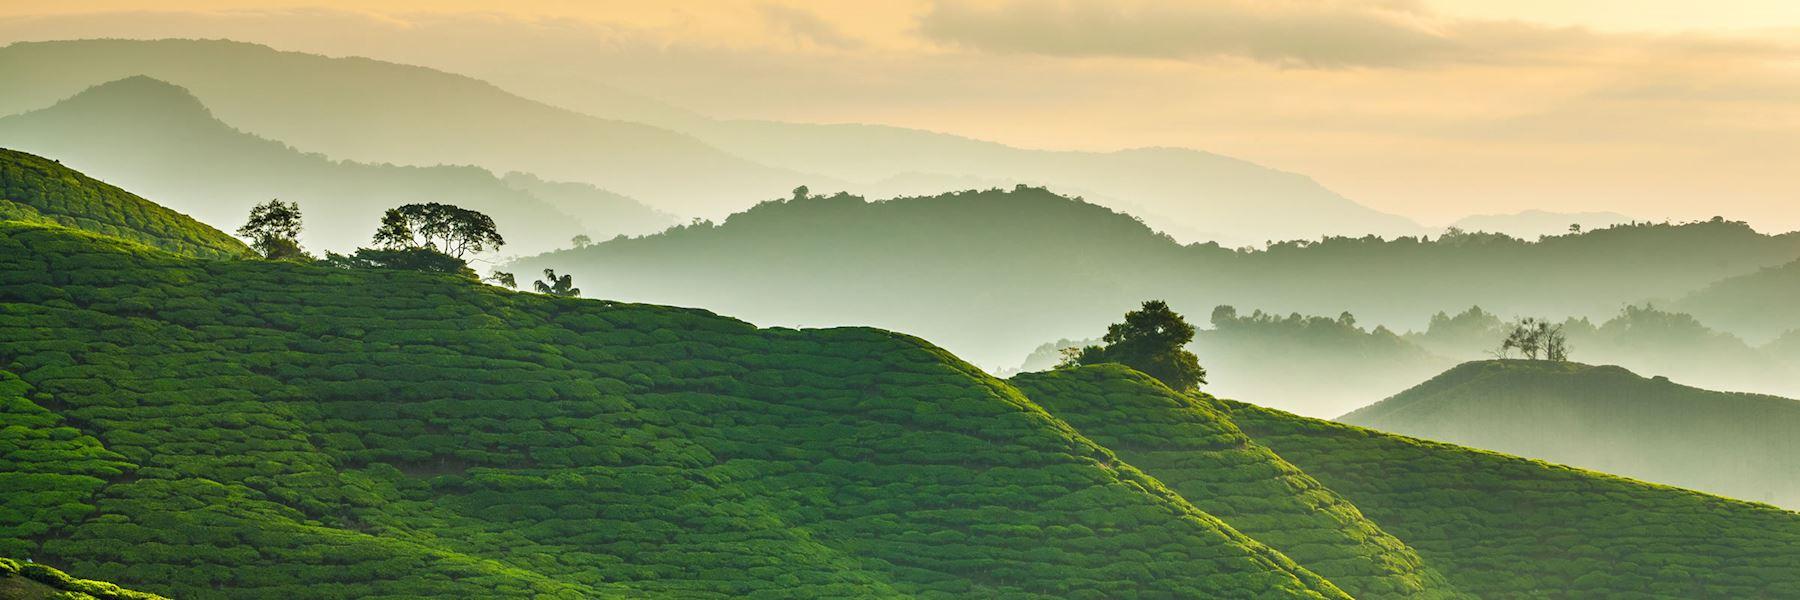 Visit Cameron Highlands, Malaysia